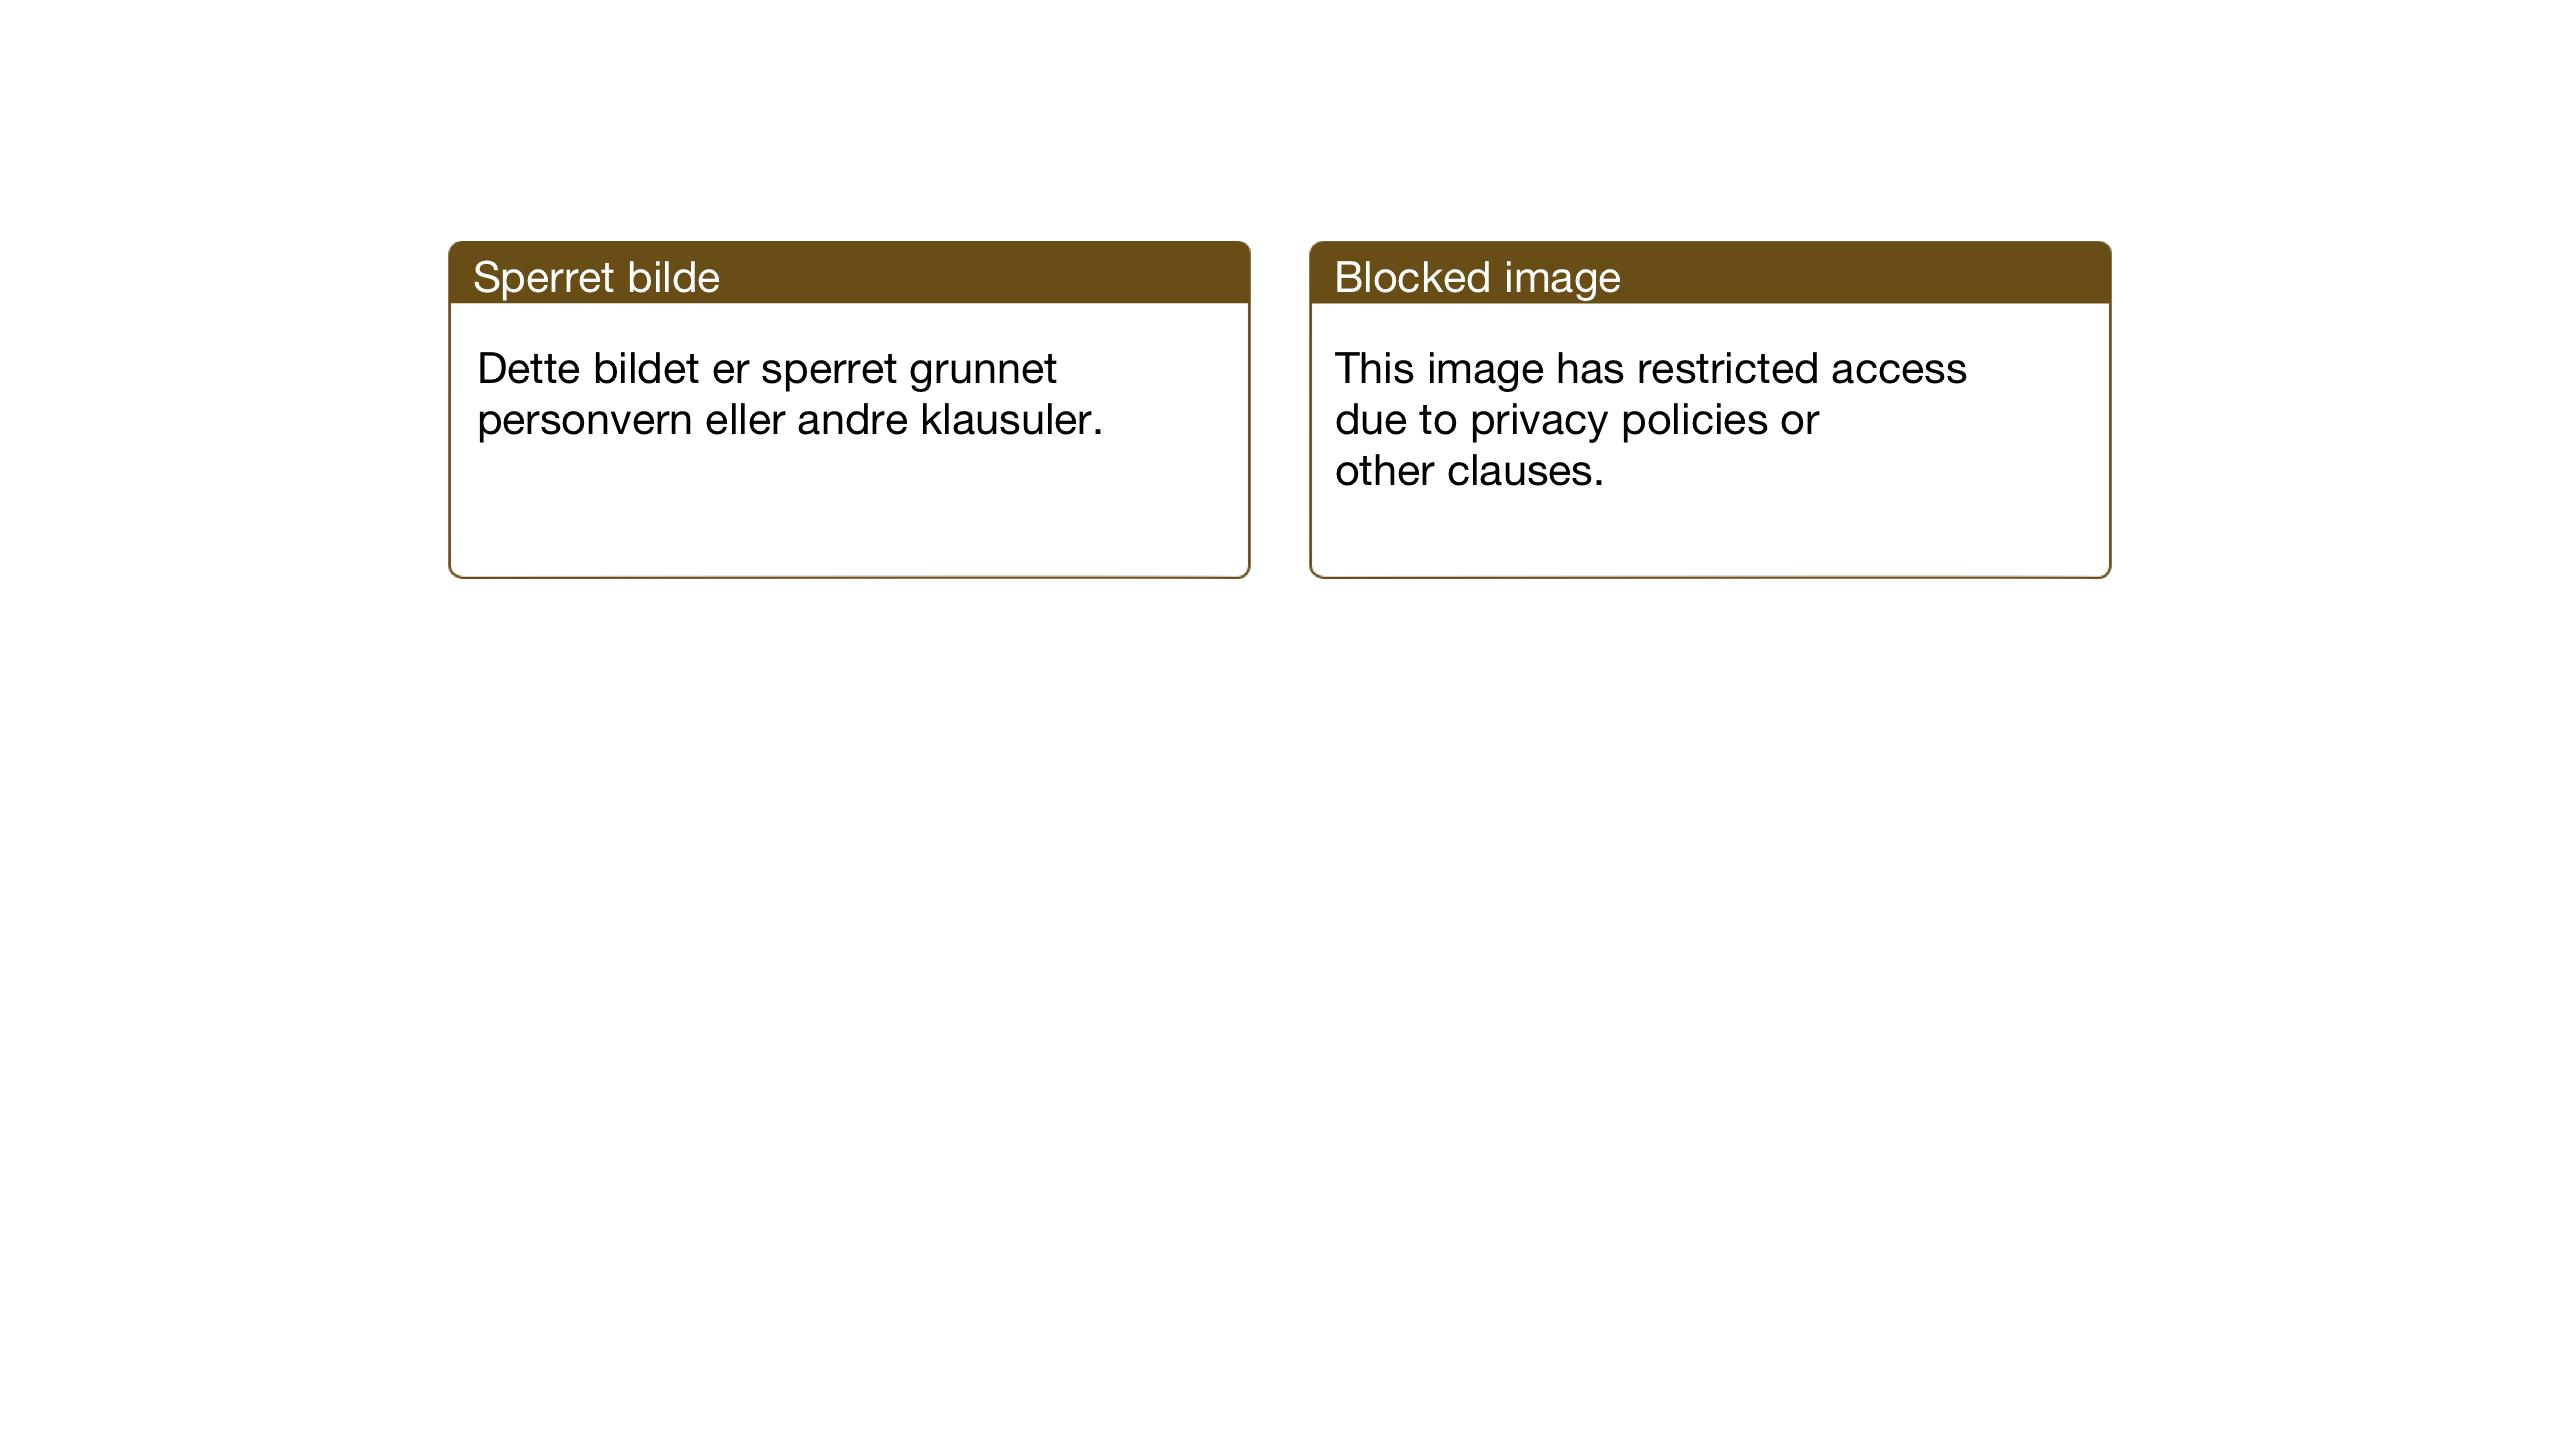 SAT, Ministerialprotokoller, klokkerbøker og fødselsregistre - Sør-Trøndelag, 659/L0747: Klokkerbok nr. 659C04, 1913-1938, s. 168